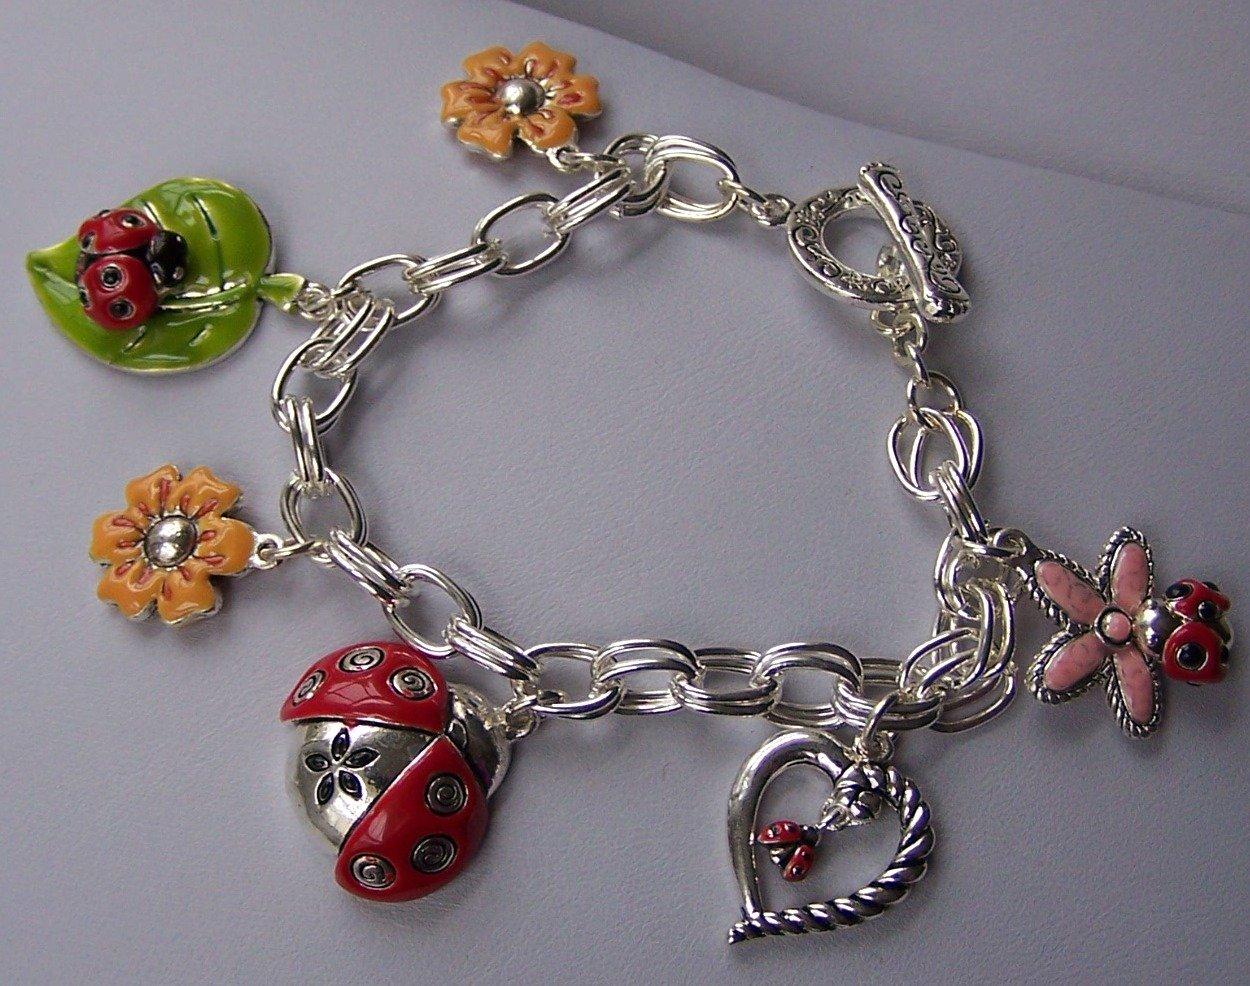 Spring Flower Heart Love Ladybug Lady Bug Leaf Charm Bracelet